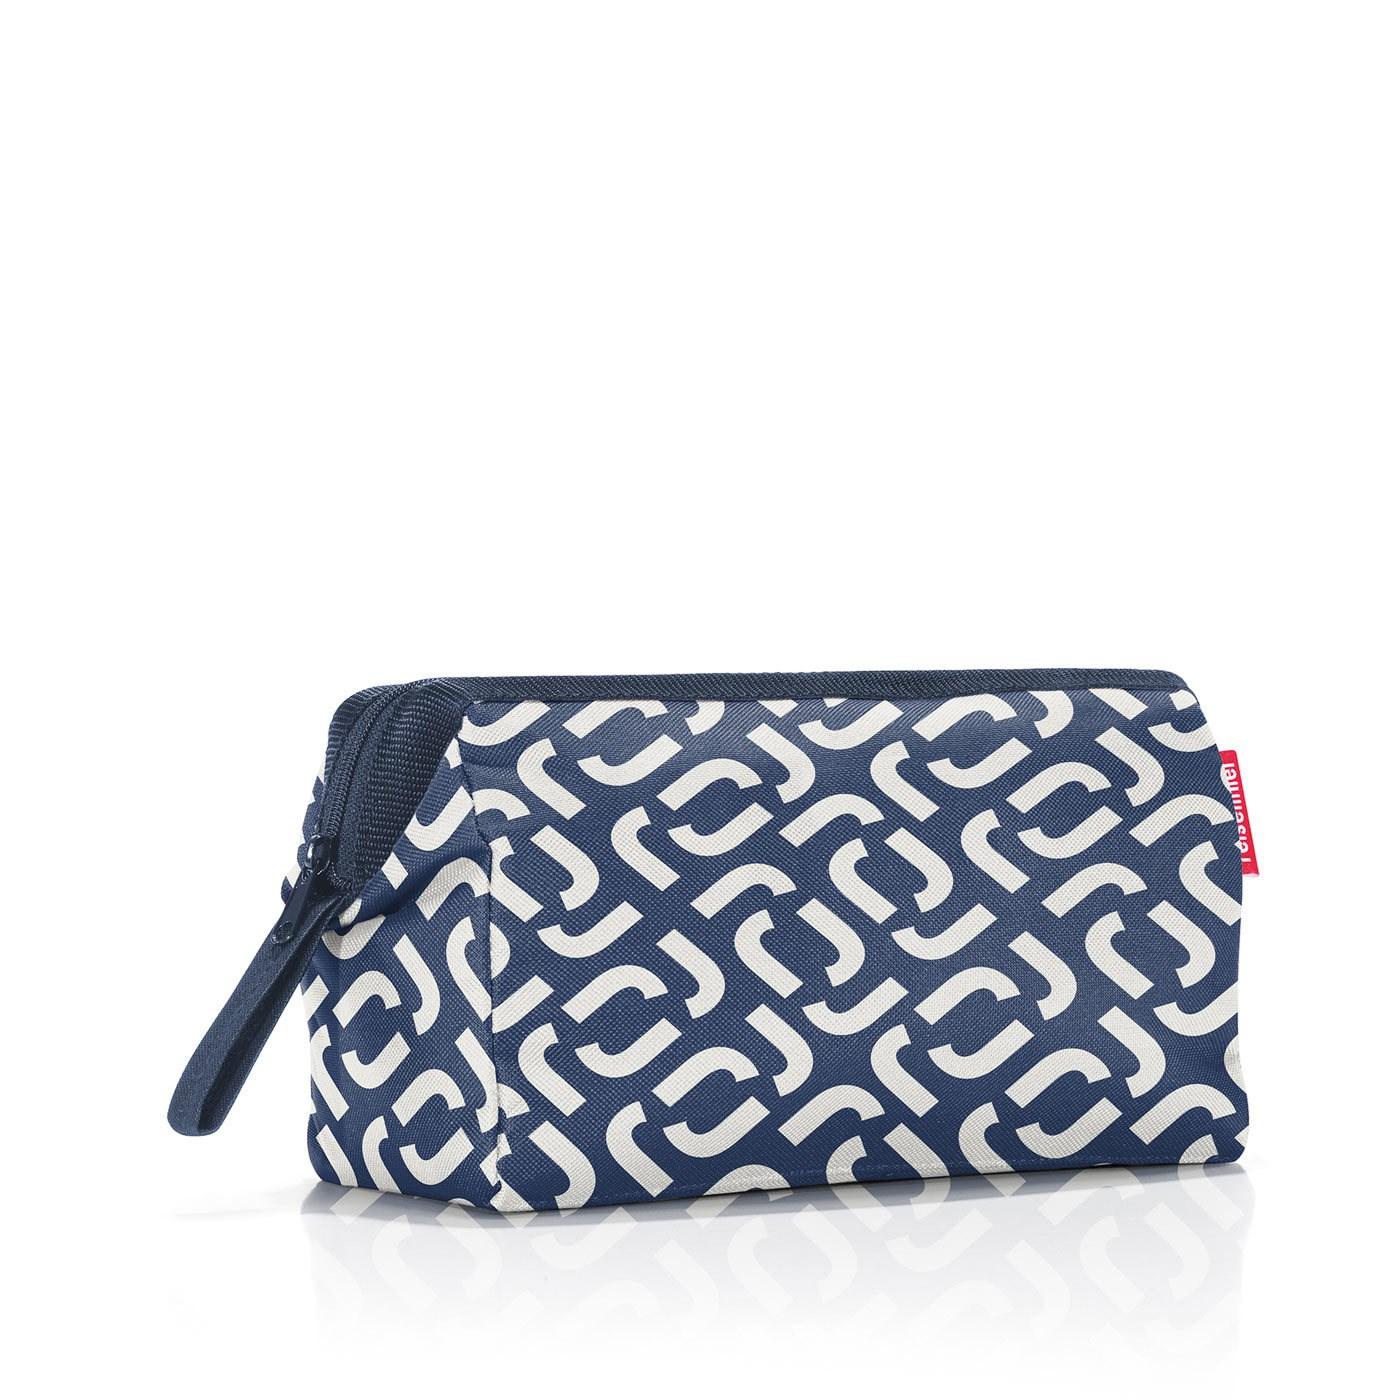 Kosmetická taška Travelcosmetic signature navy_2